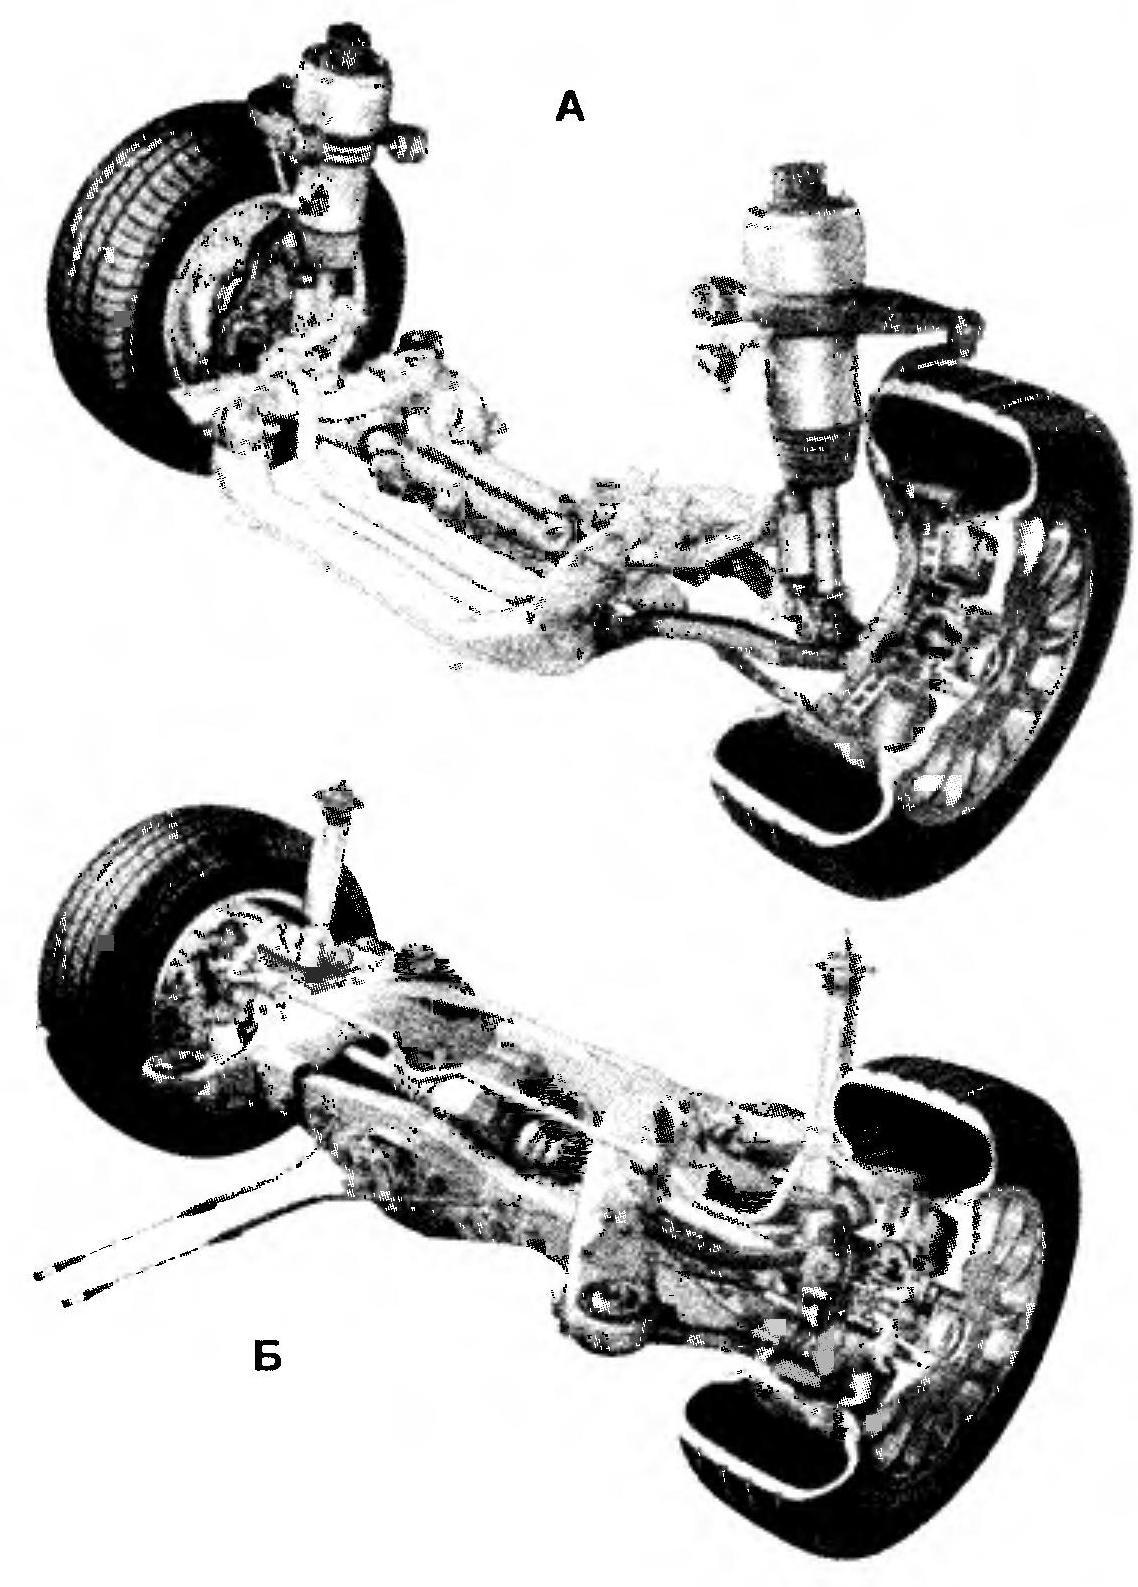 Передняя (А) и задняя (Б) подвески автомобили